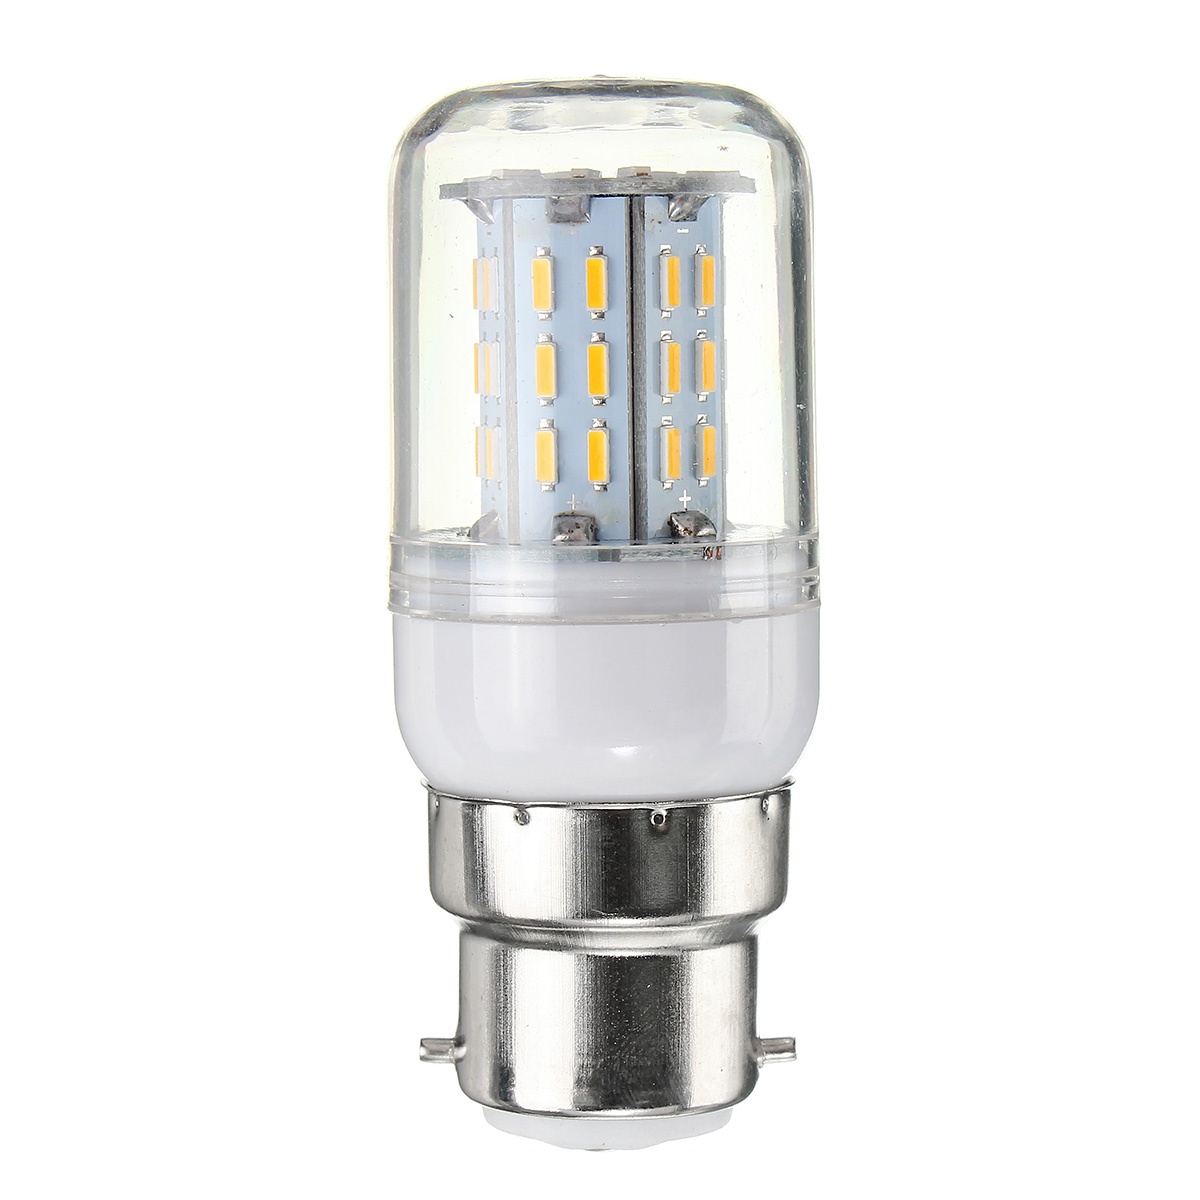 e27 e14 e12 g9 gu10 b22 4014 smd 4w led corn light bulb lamp for home alex nld. Black Bedroom Furniture Sets. Home Design Ideas